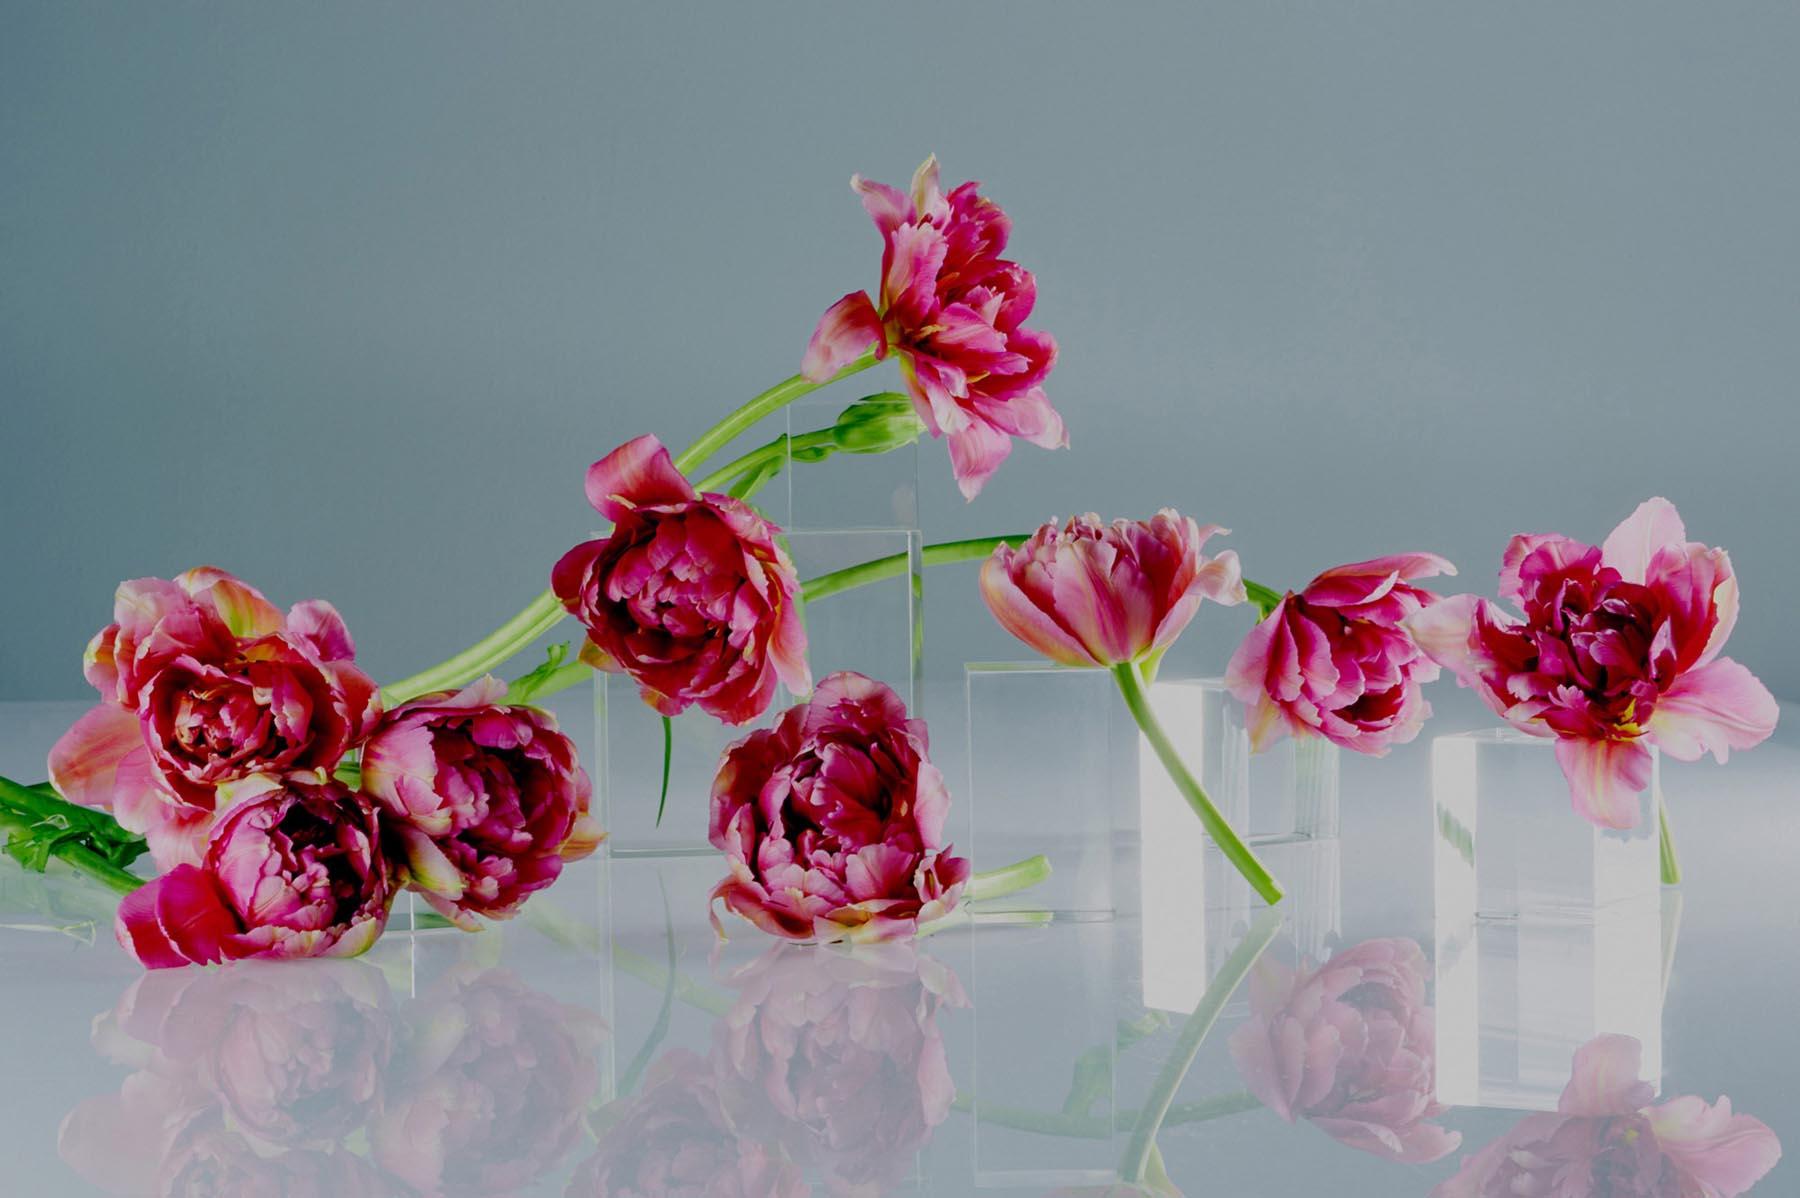 Noel McLaughlin Pink Flowers